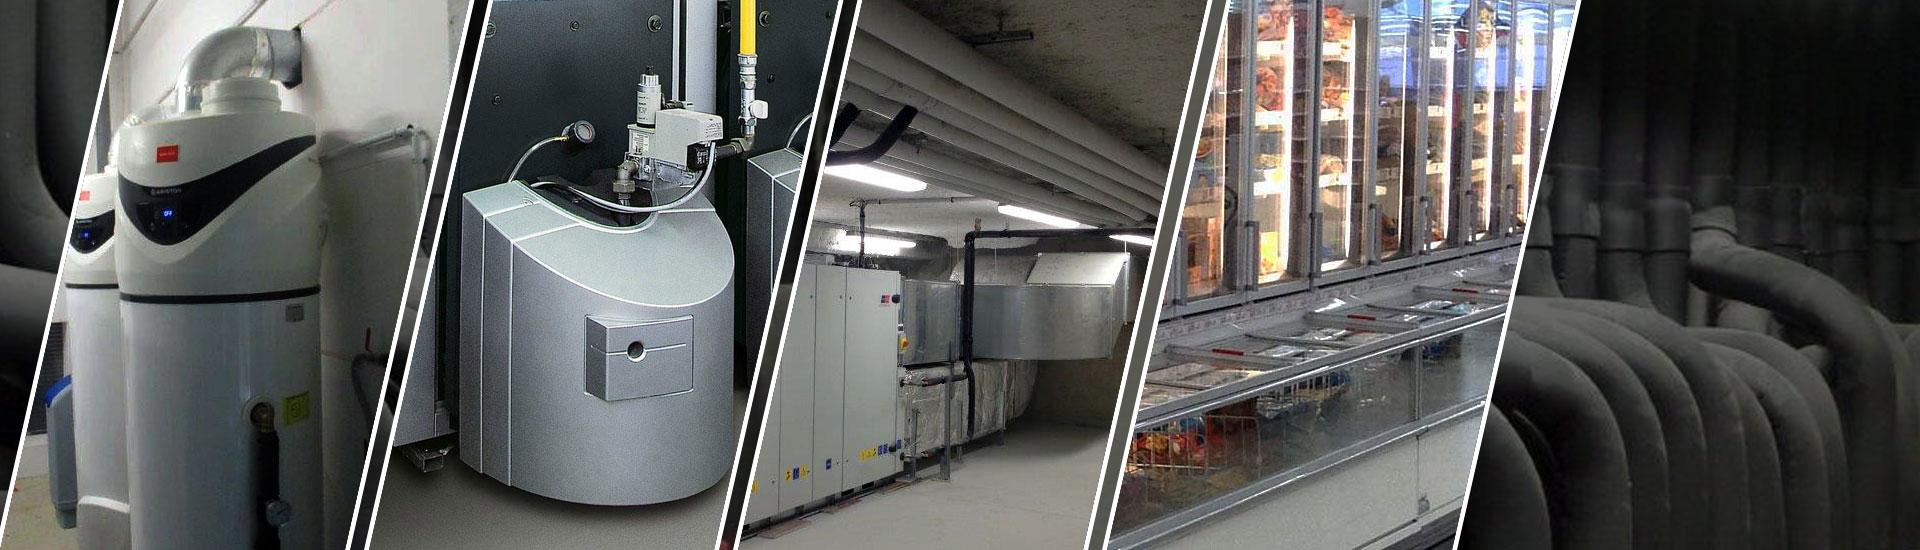 installations clim ventilation